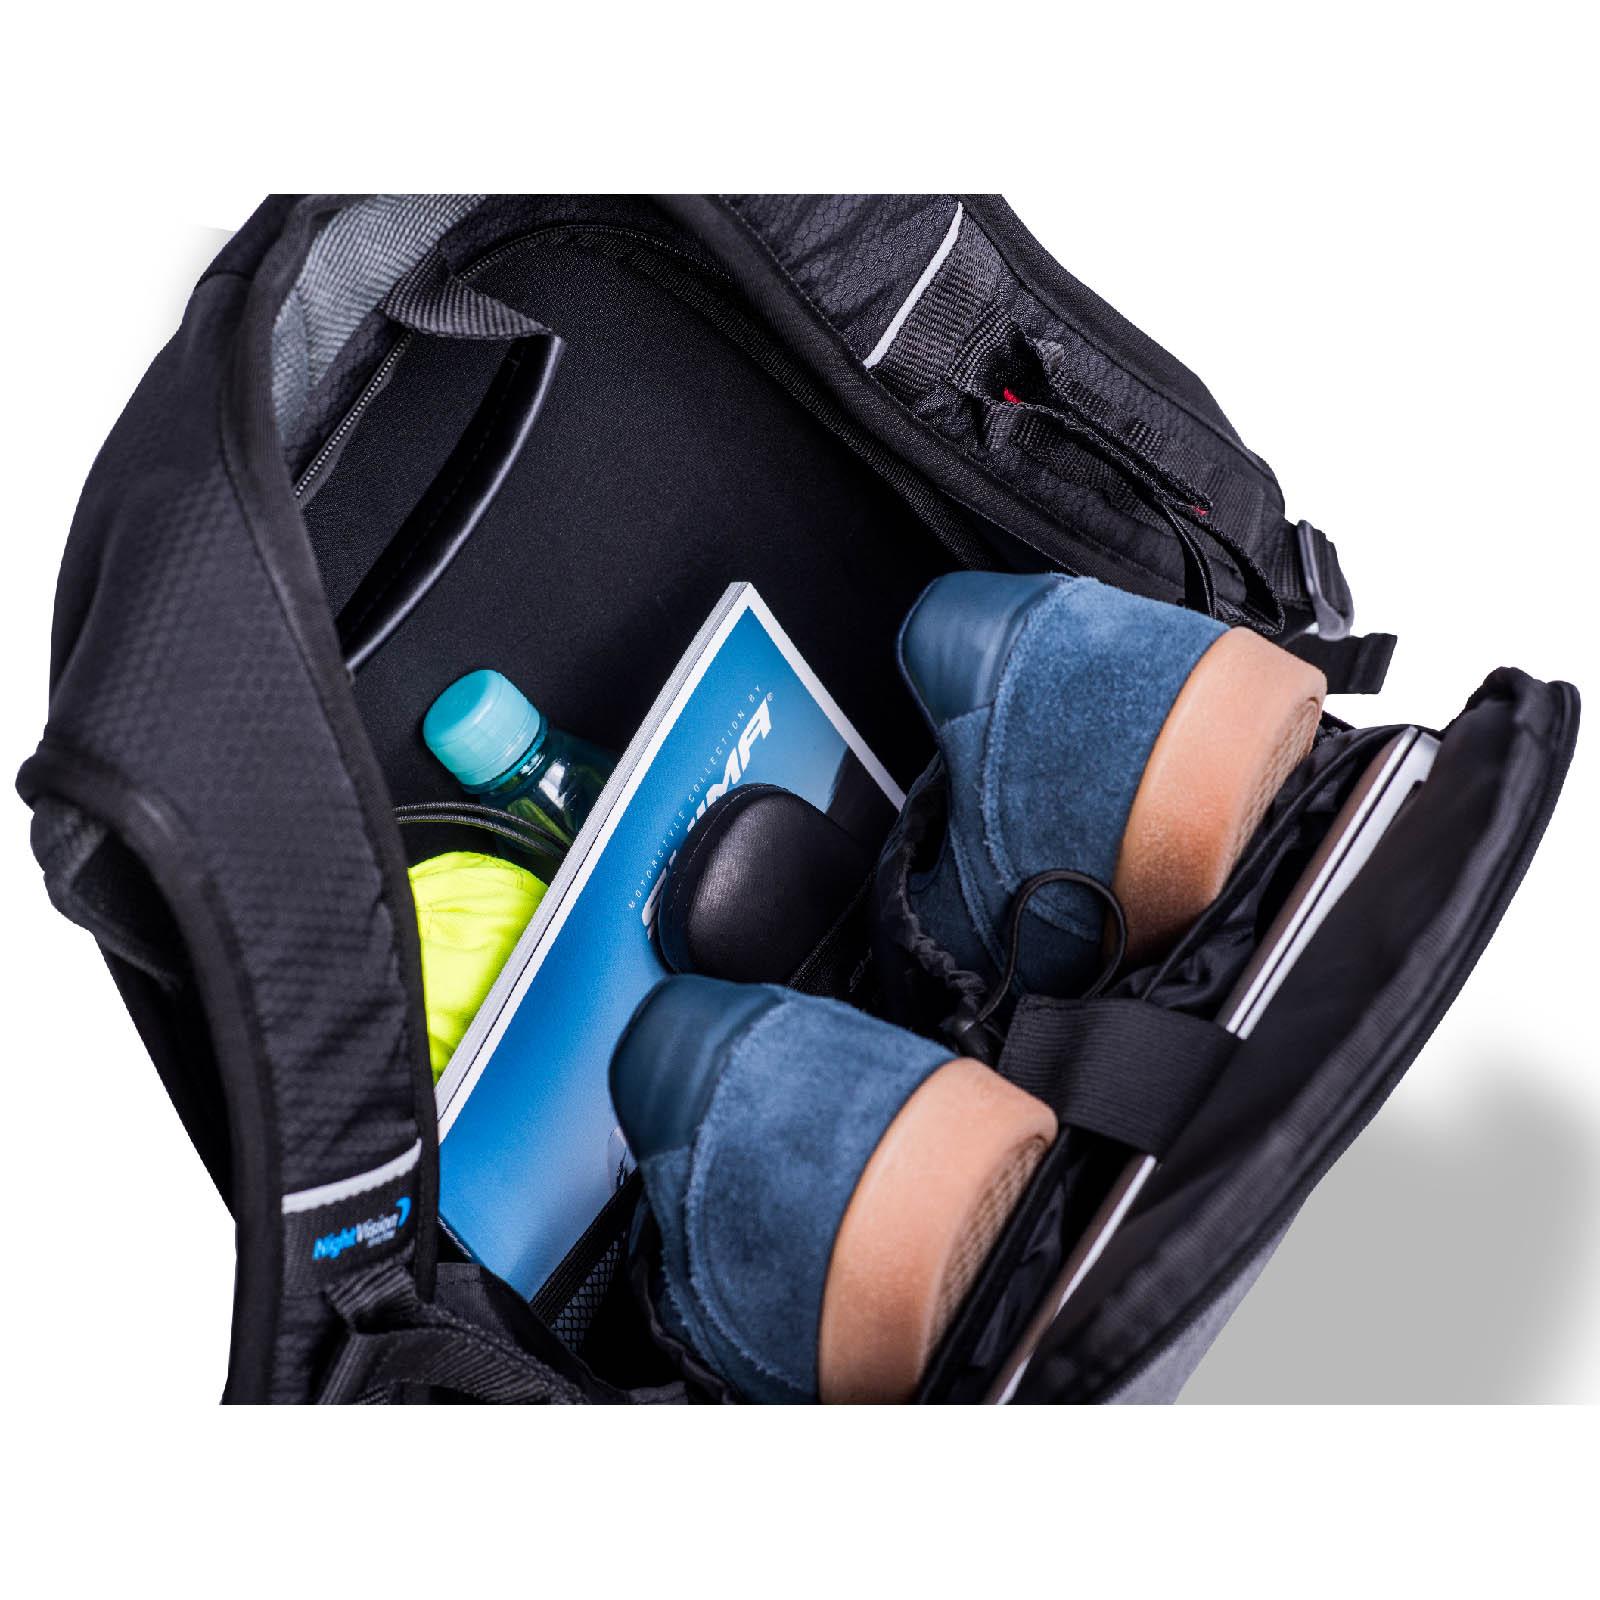 Рюкзак мотоциклетный Ayro Backpack вид открытый купить по низкой цене